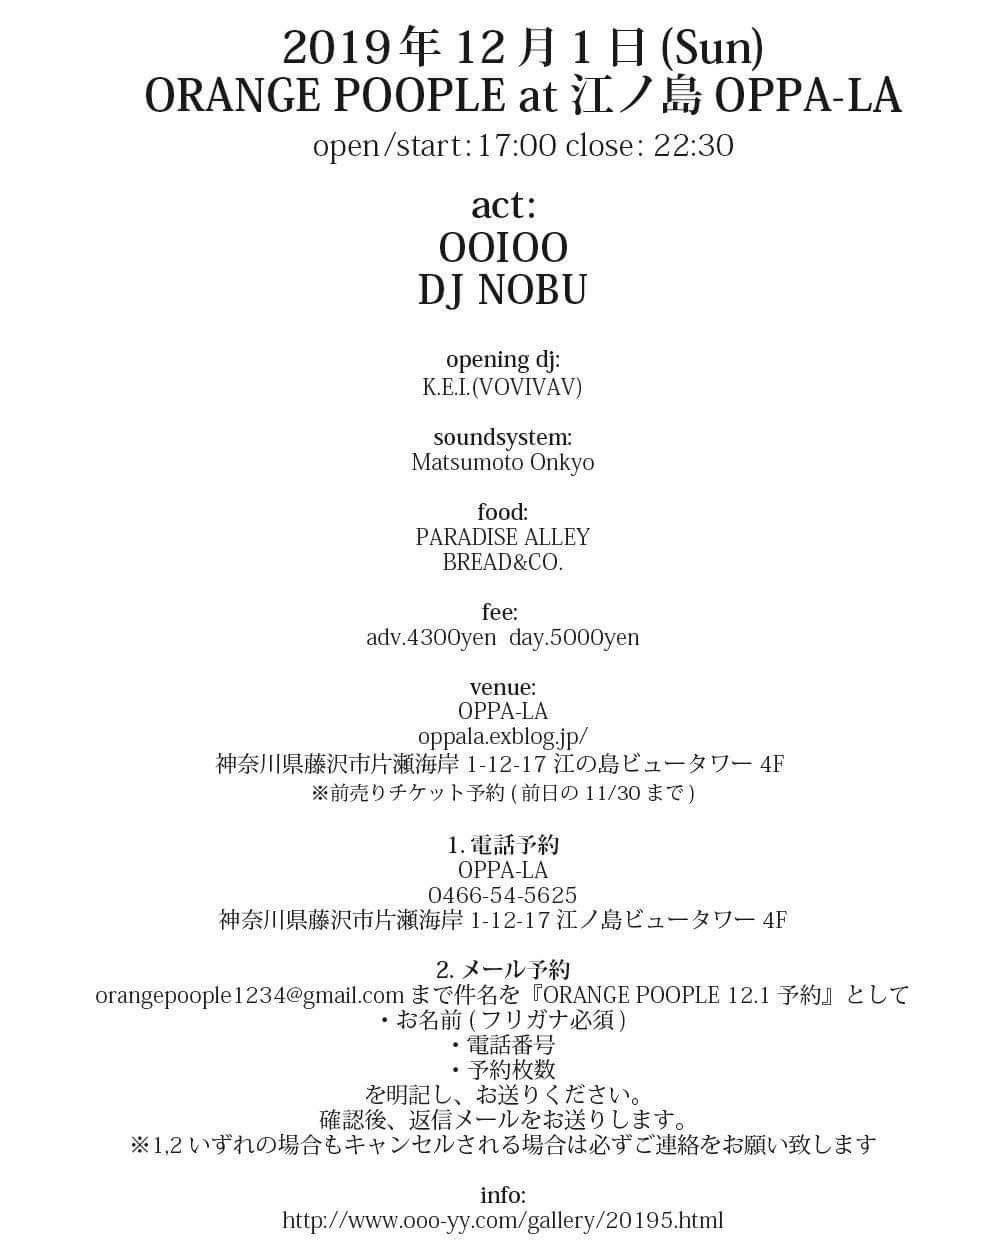 OOIOOとDJ NOBUのロングセットを オッパーラで楽しめるなんて!! ちょー贅沢ですよ!!!_d0106911_00593395.jpg